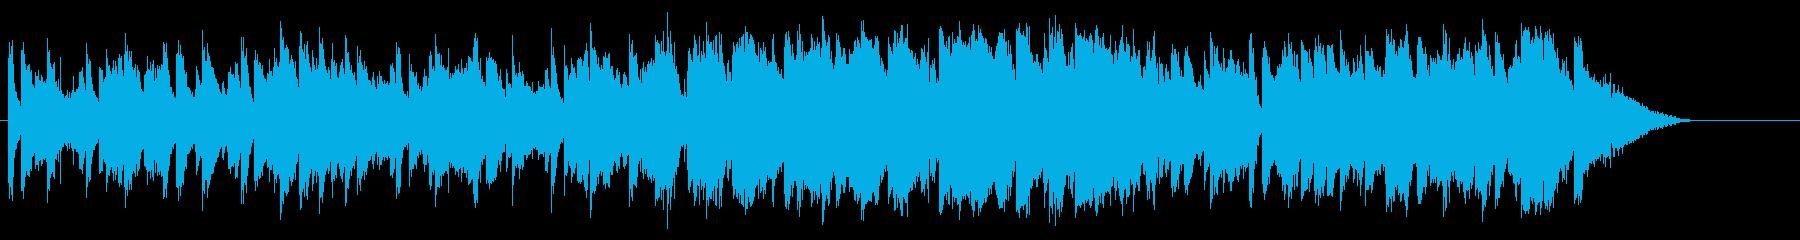 甘くムーディーなジャズ・バラードの再生済みの波形